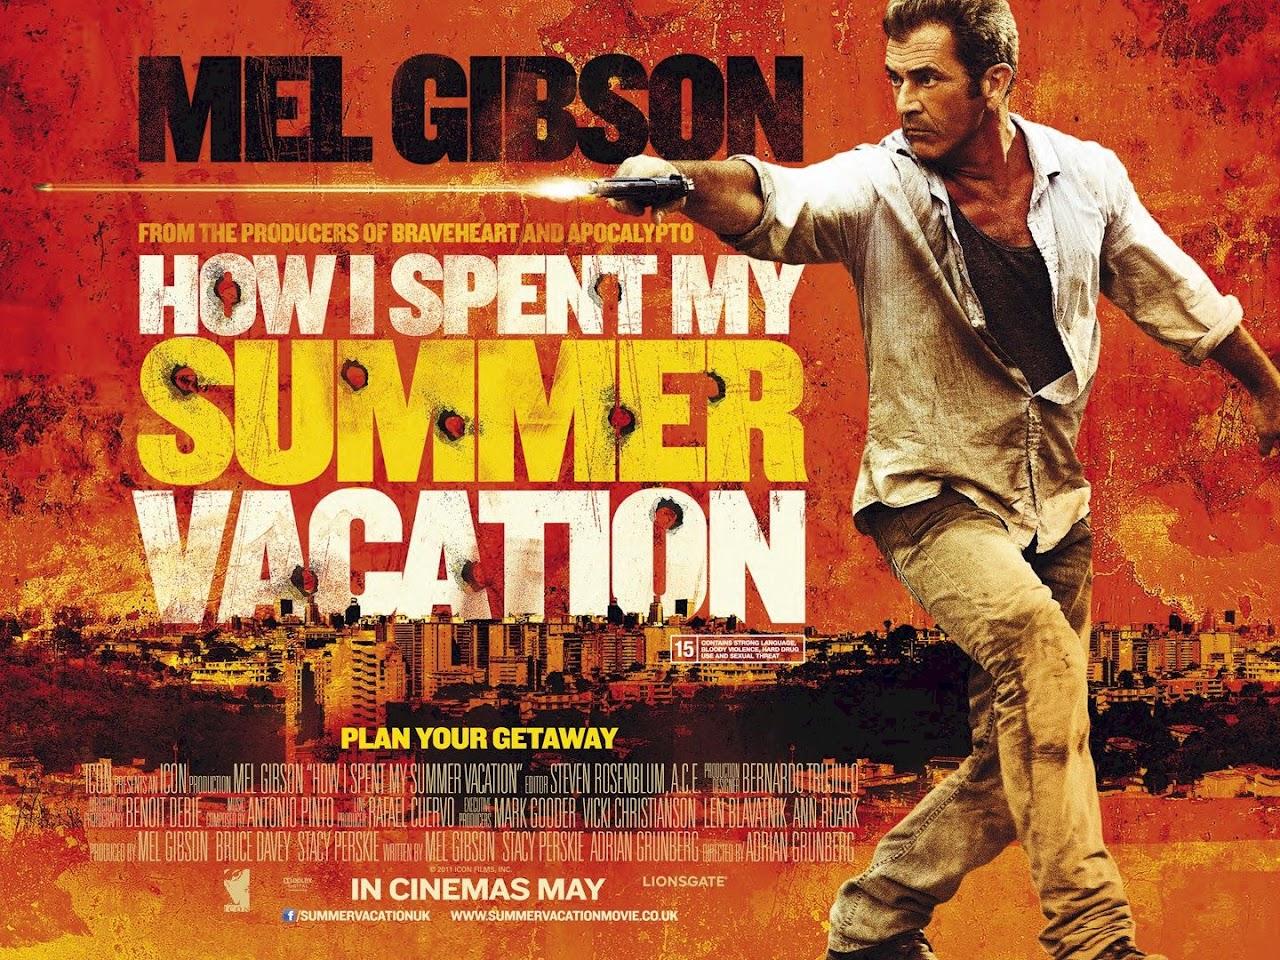 http://2.bp.blogspot.com/-b0FQ4T5WPtU/T0mLY2cboWI/AAAAAAAANhg/h_sHbv-c8Hw/s1600/How-spent-my-Summer-Vacation%2BAfiche%2BCine.jpg